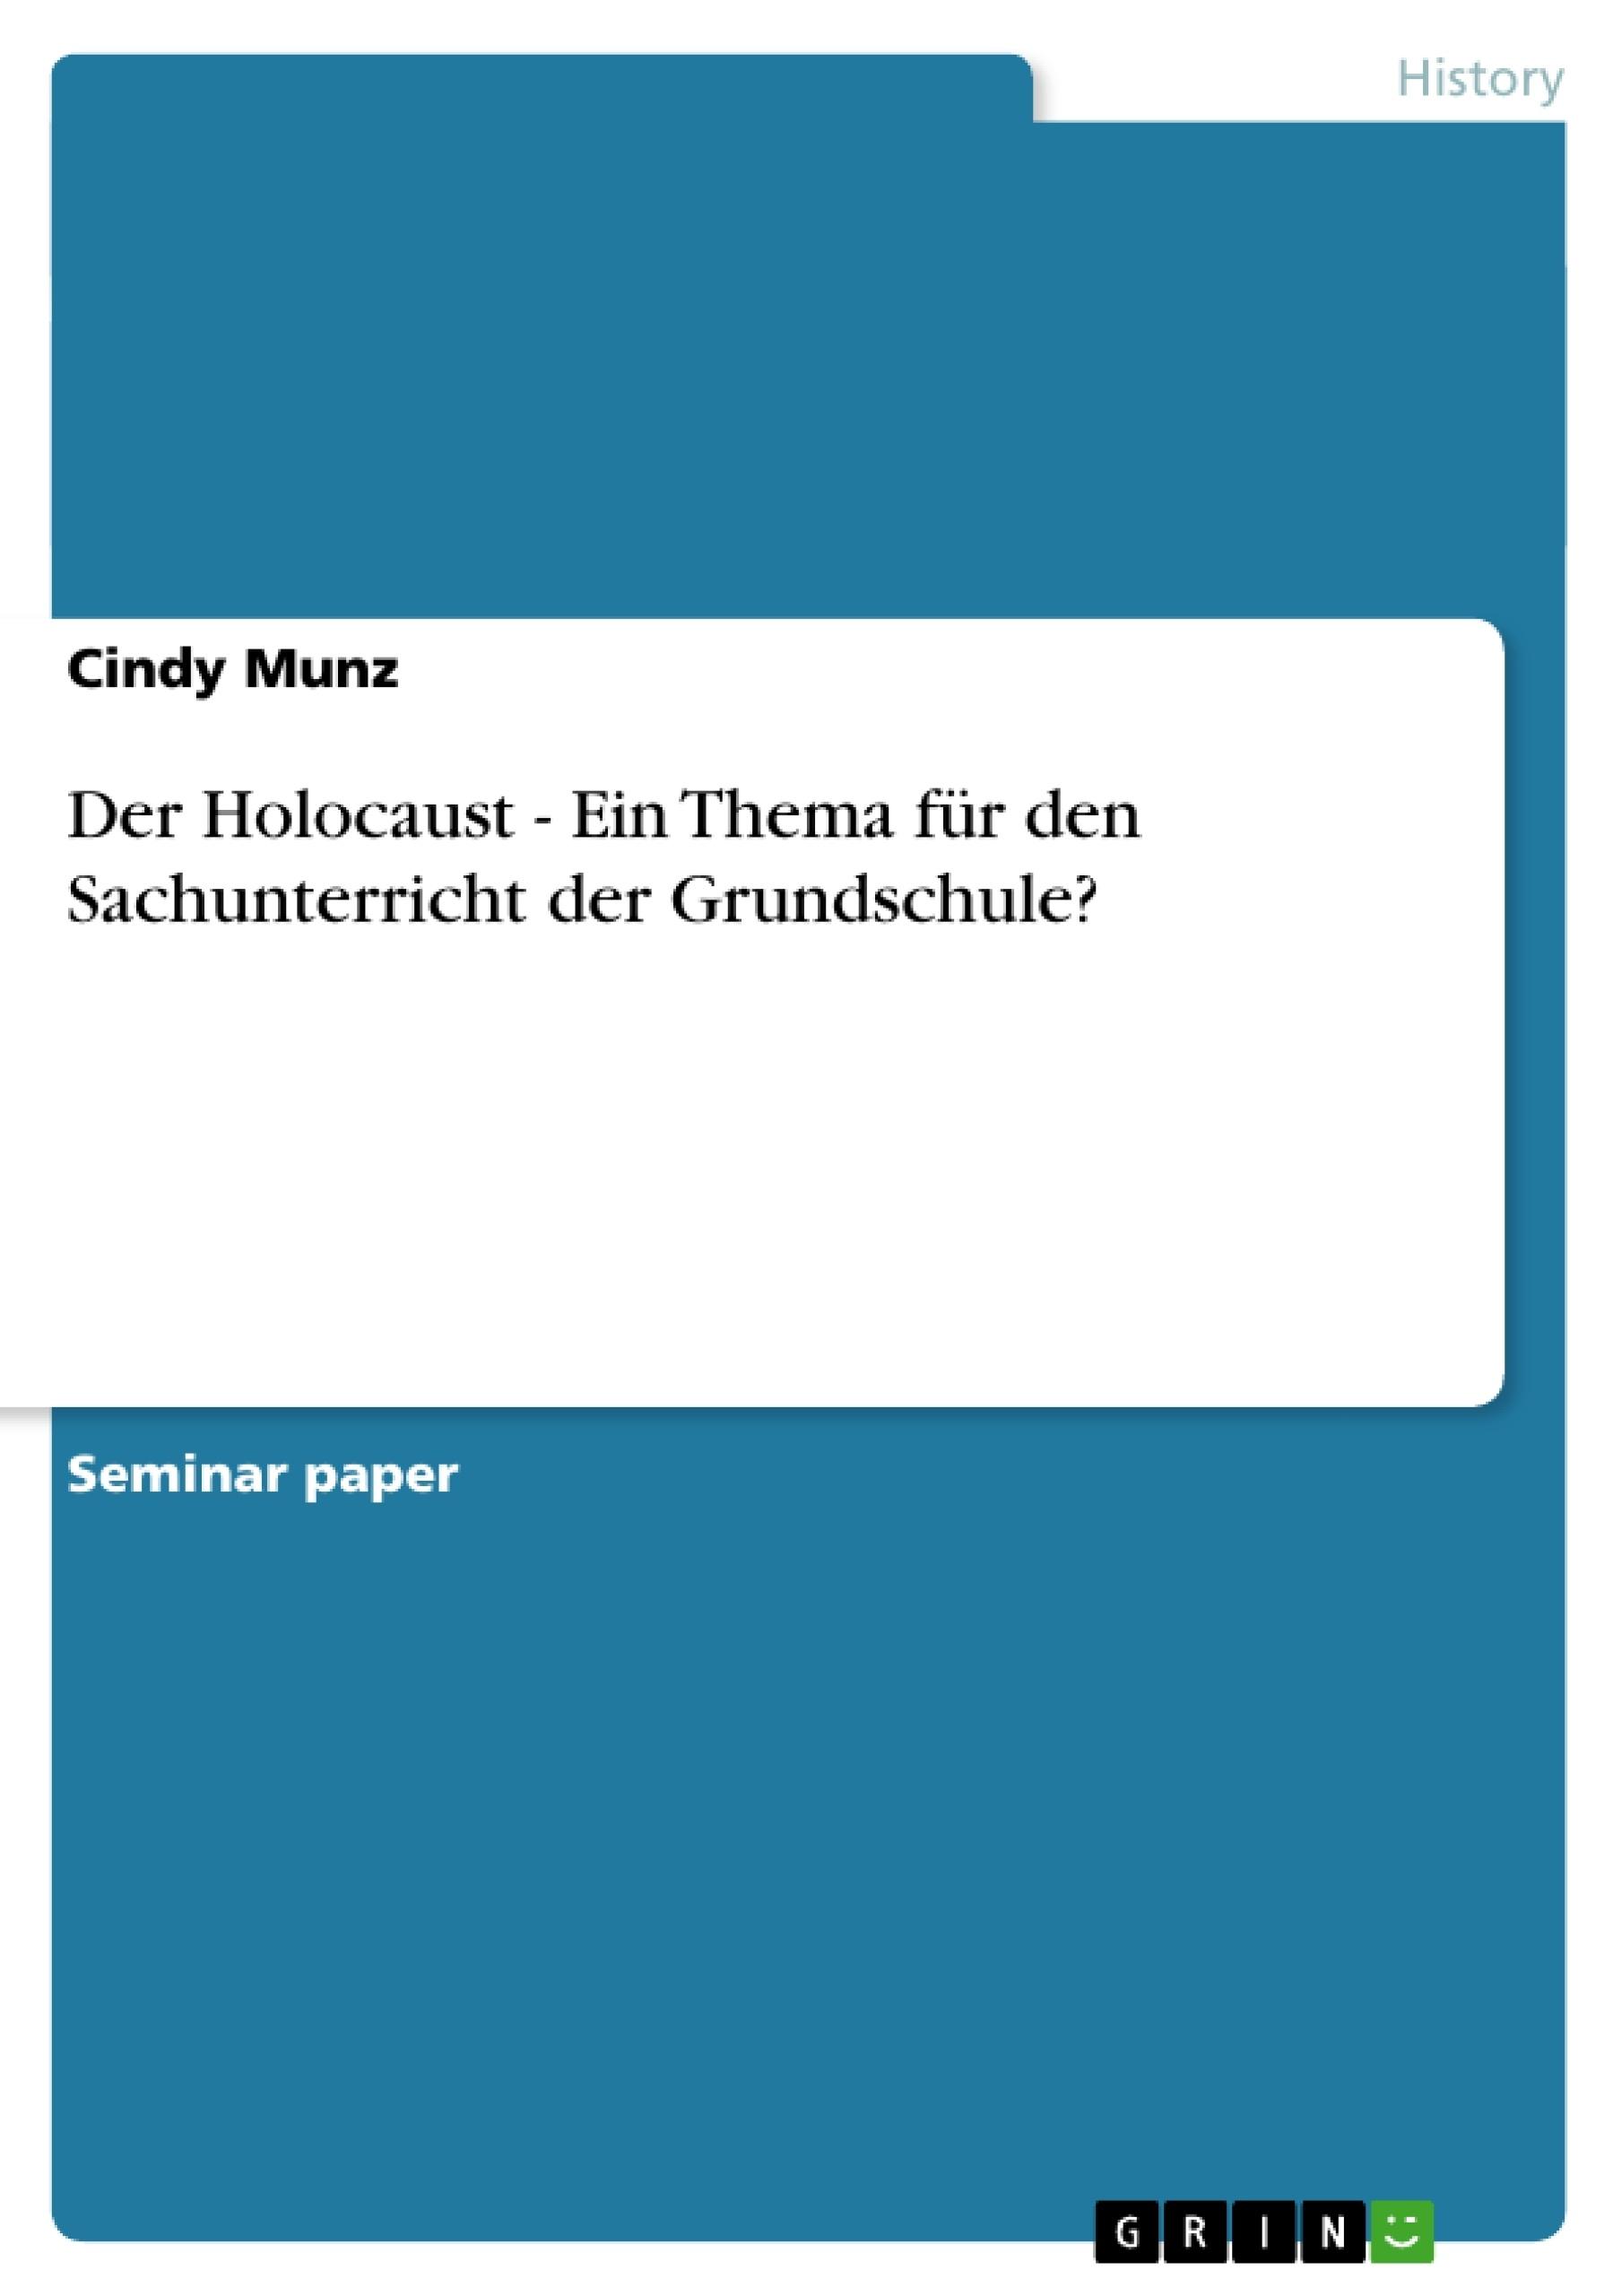 Title: Der Holocaust - Ein Thema für den Sachunterricht der Grundschule?